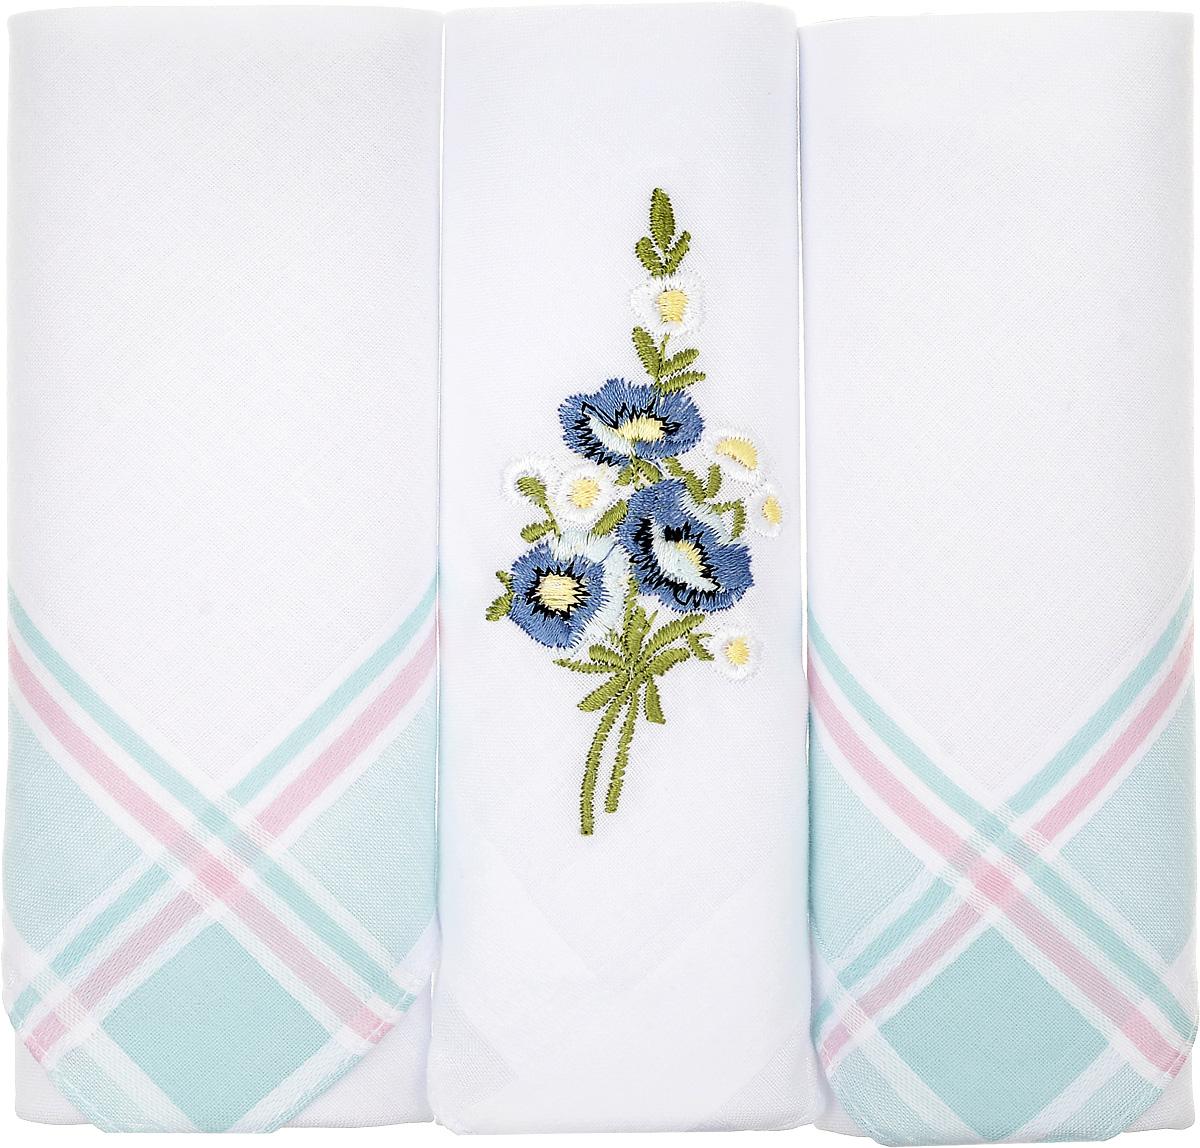 Платок носовой женский Zlata Korunka, цвет: белый, мятный, 3 шт. 90329-48. Размер 29 см х 29 смСерьги с подвескамиНебольшой женский носовой платок Zlata Korunka изготовлен из высококачественного натурального хлопка, благодаря чему приятен в использовании, хорошо стирается, не садится и отлично впитывает влагу. Практичный и изящный носовой платок будет незаменим в повседневной жизни любого современного человека. Такой платок послужит стильным аксессуаром и подчеркнет ваше превосходное чувство вкуса.В комплекте 3 платка.